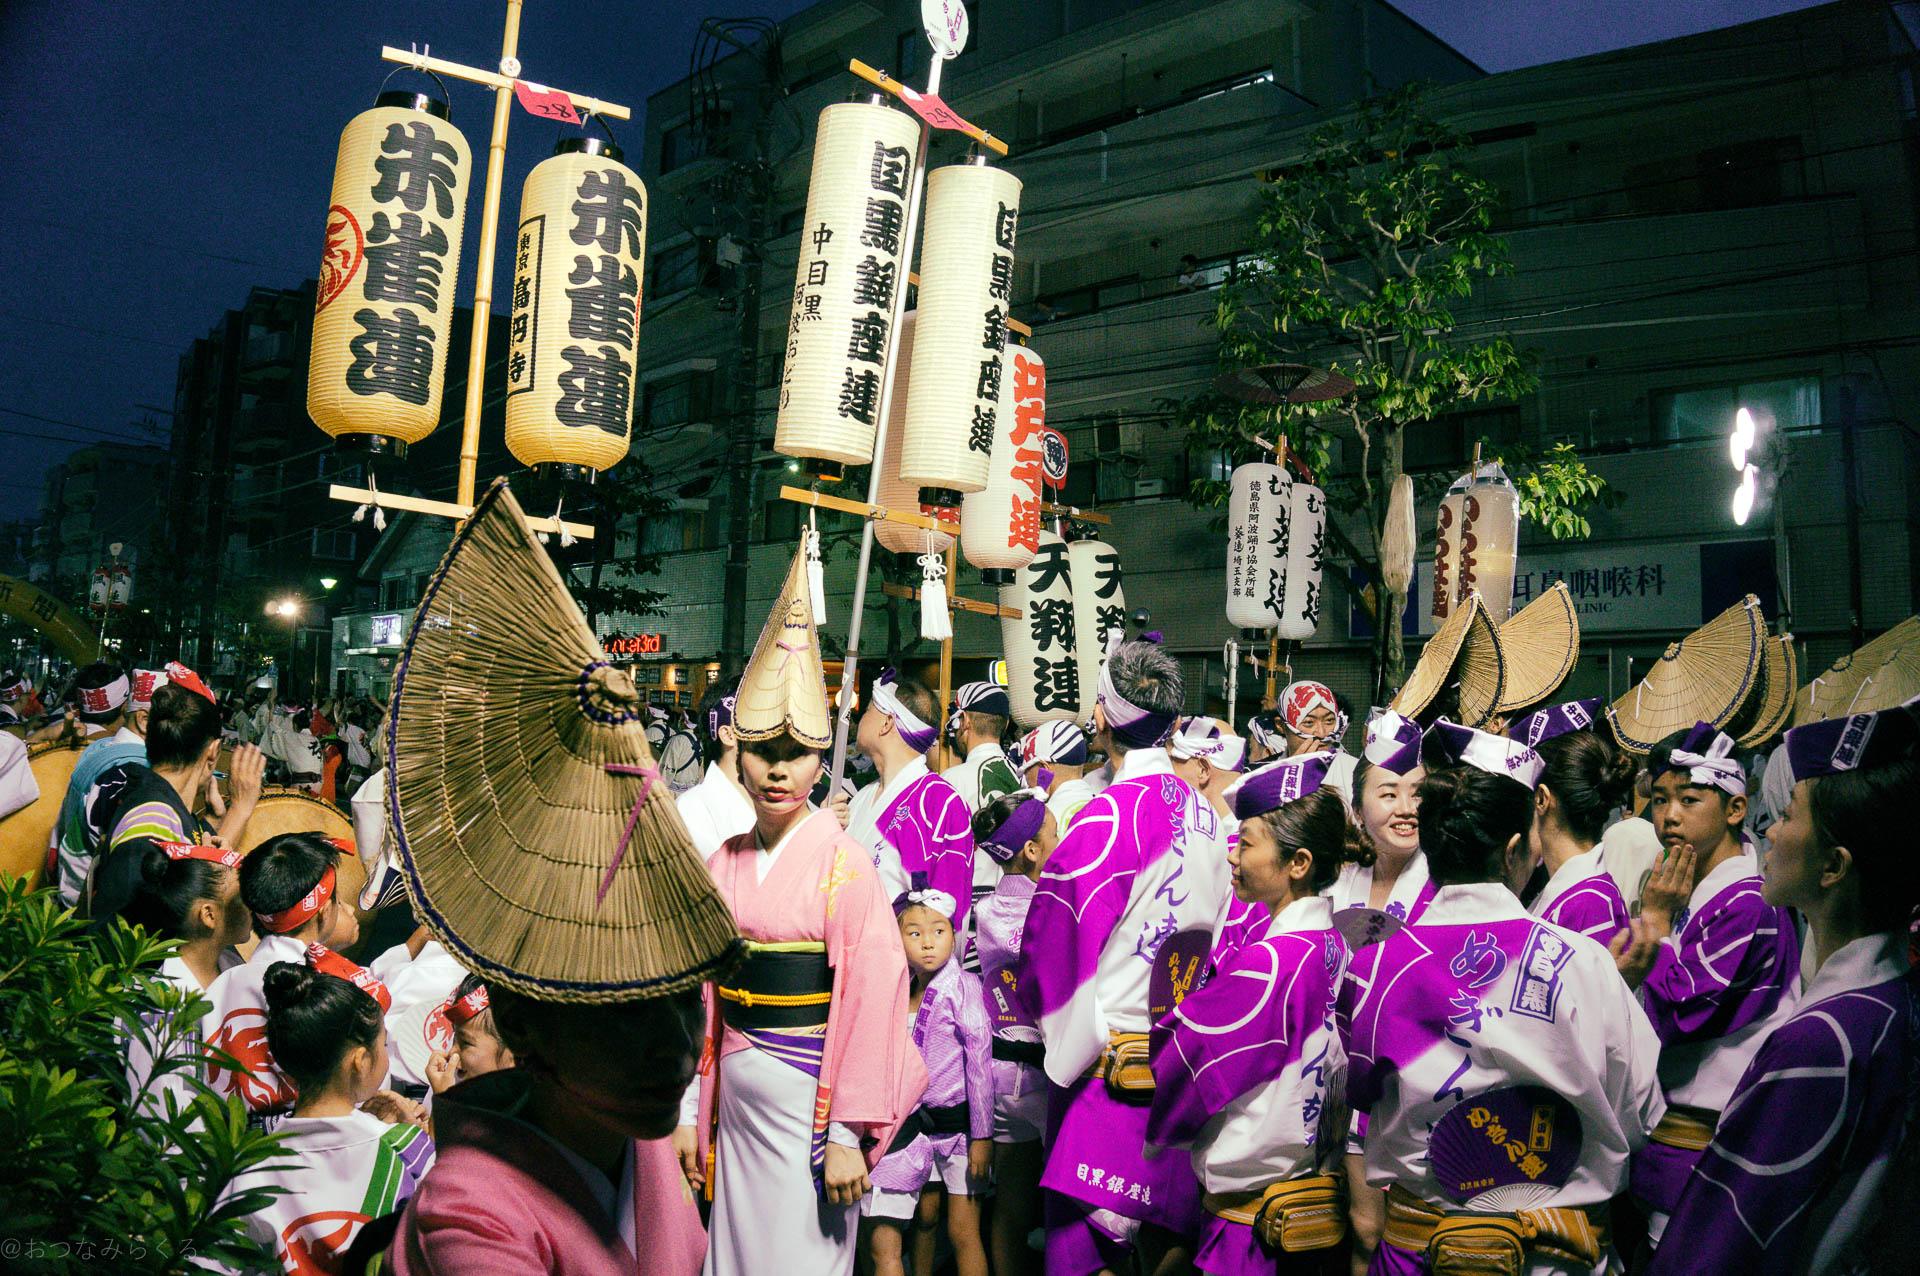 高円寺 夏祭り 2017